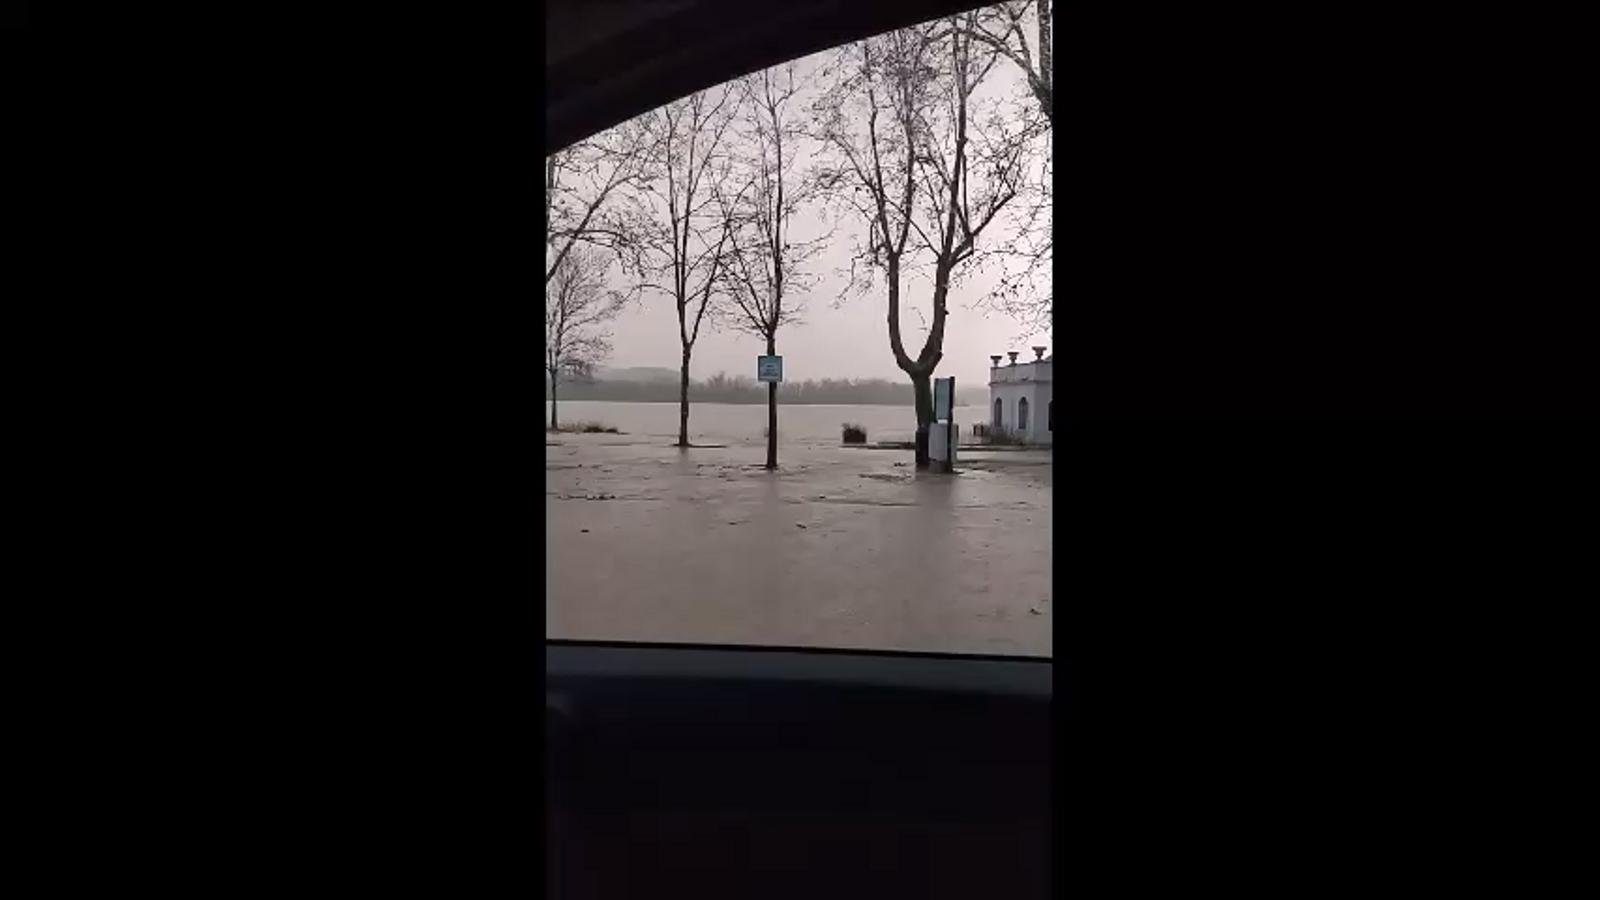 L'estany de Banyoles vessa a causa del temporal